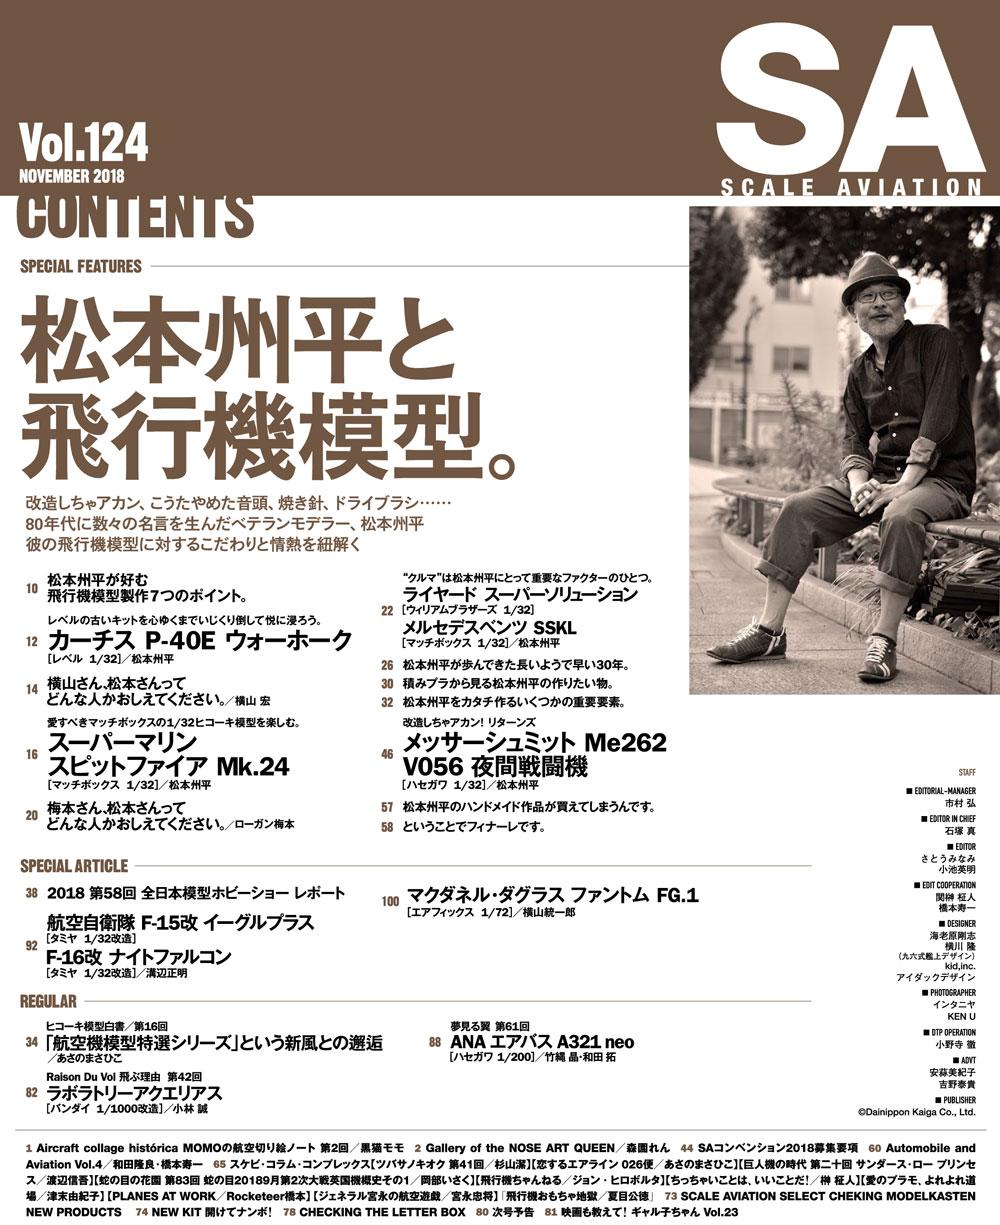 スケール アヴィエーション 2018年11月号雑誌(大日本絵画Scale AviationNo.Vol.124)商品画像_1